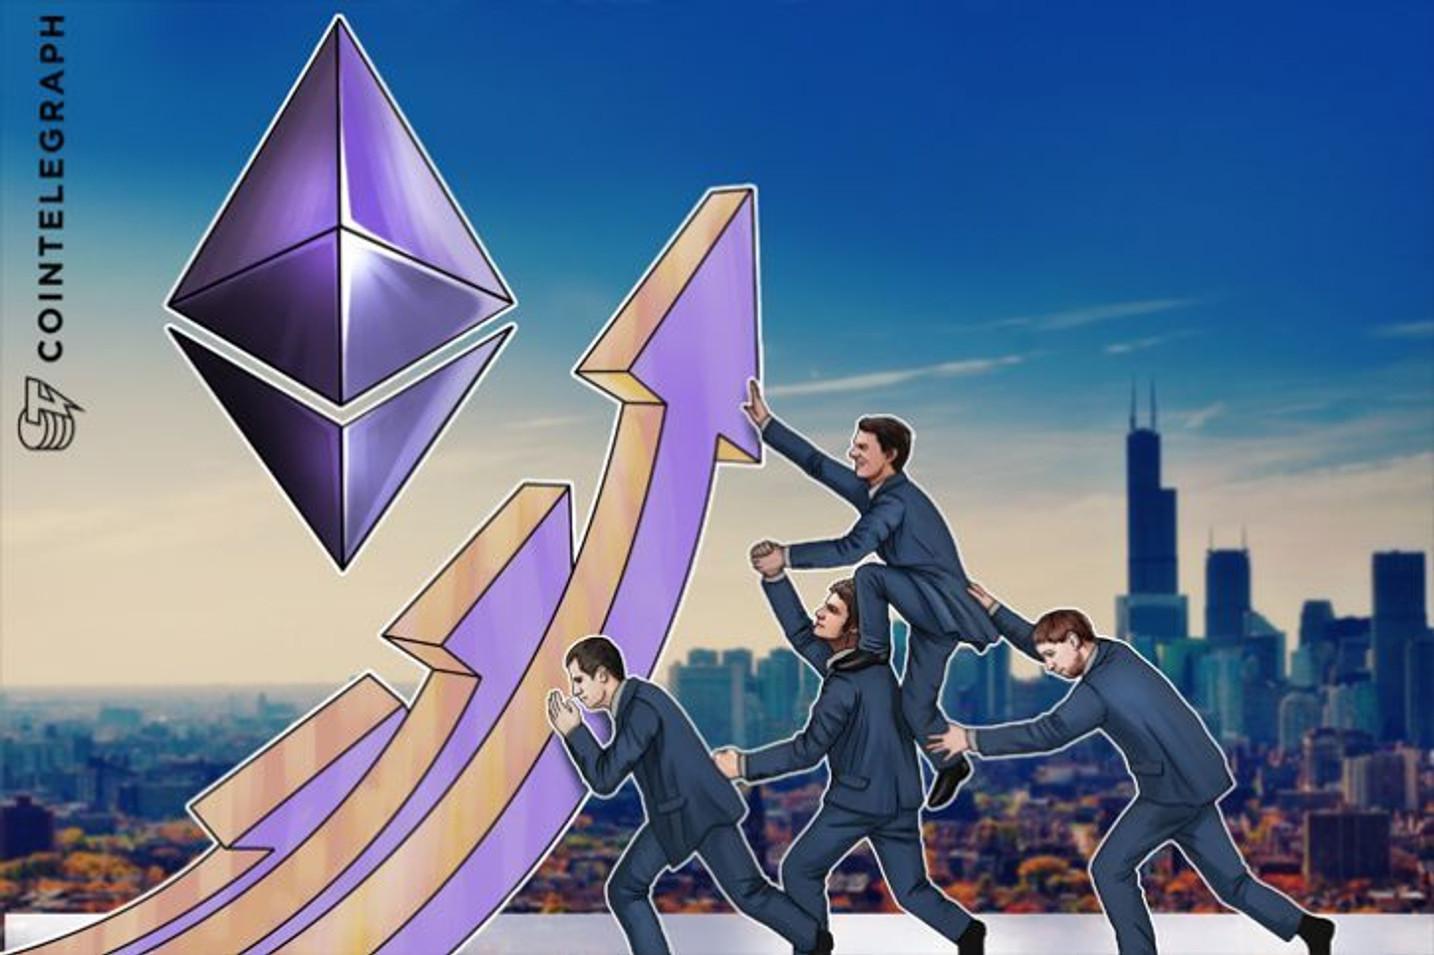 El Ethereum establece nuevo récord de rendimiento, cuotas estables